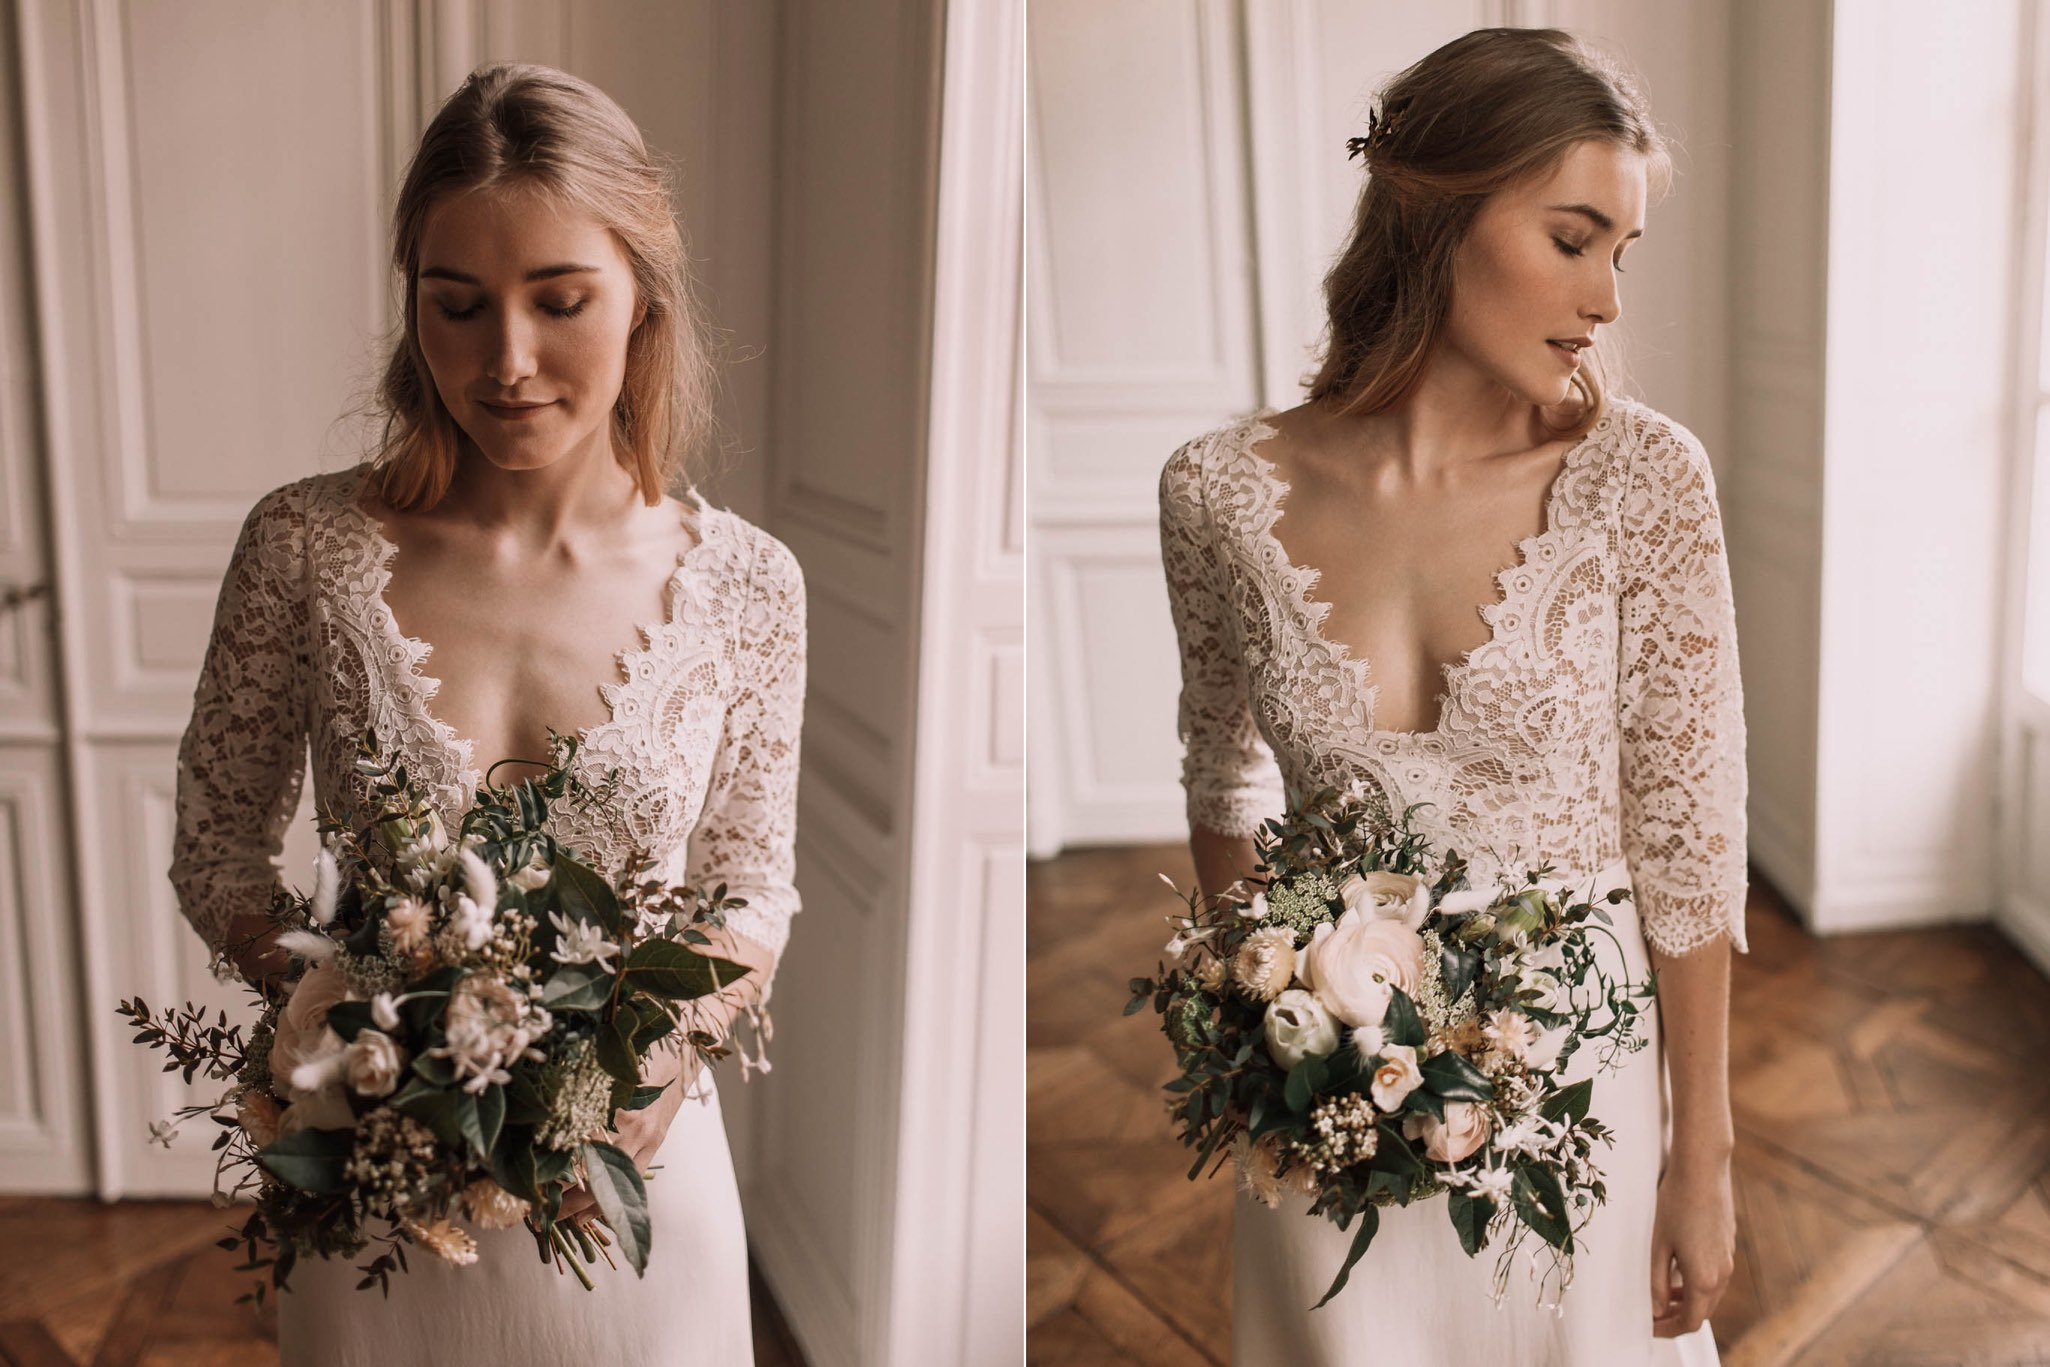 photographe-mariage-bordeaux-jeremy-boyer-white-minimal-37.jpg